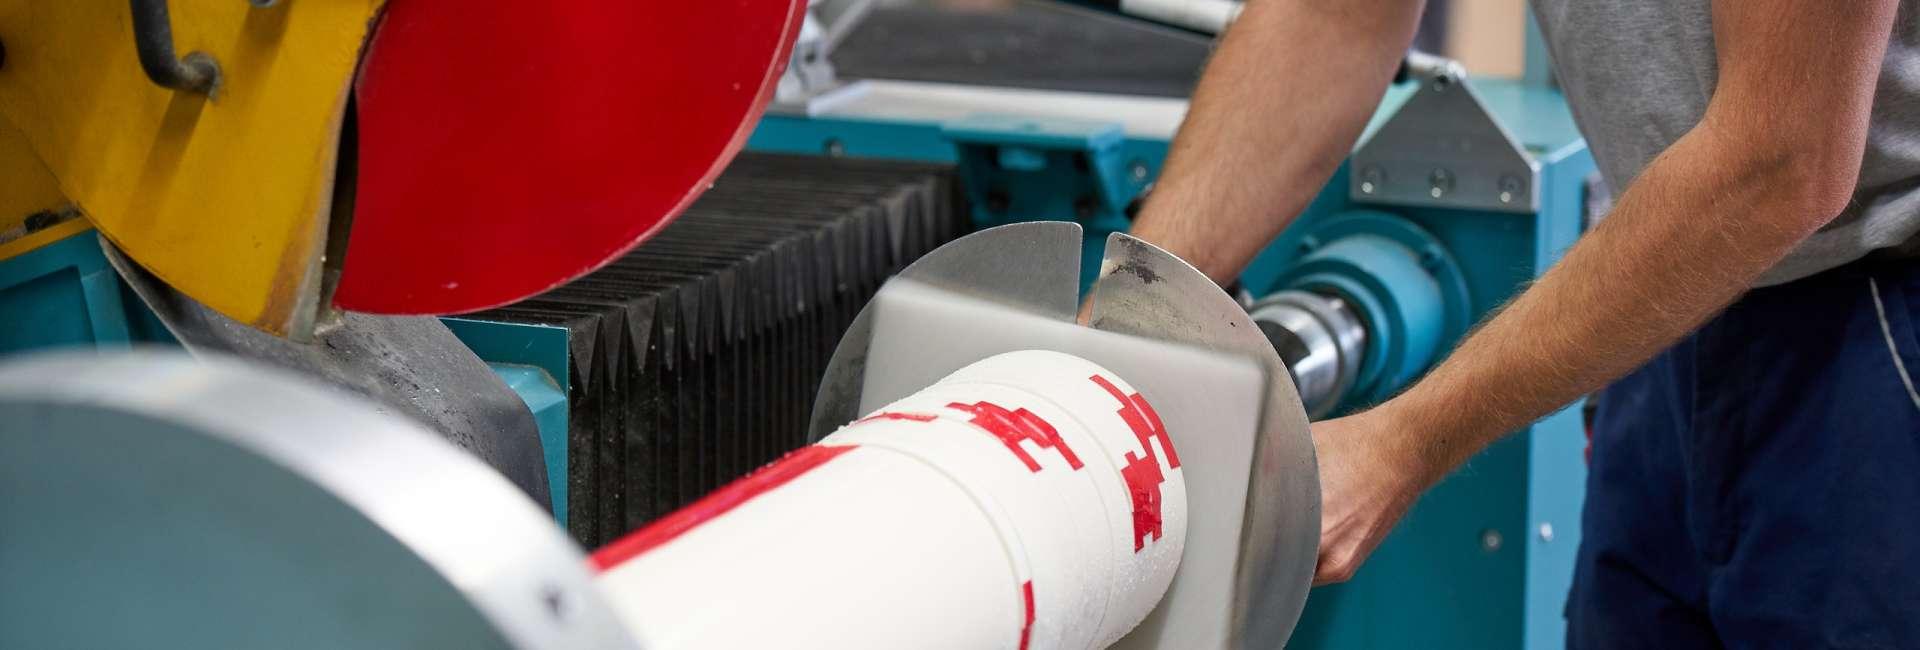 Brandschutzmaterialien werden nach kundenspezifischen Vorgaben zugeschnitten